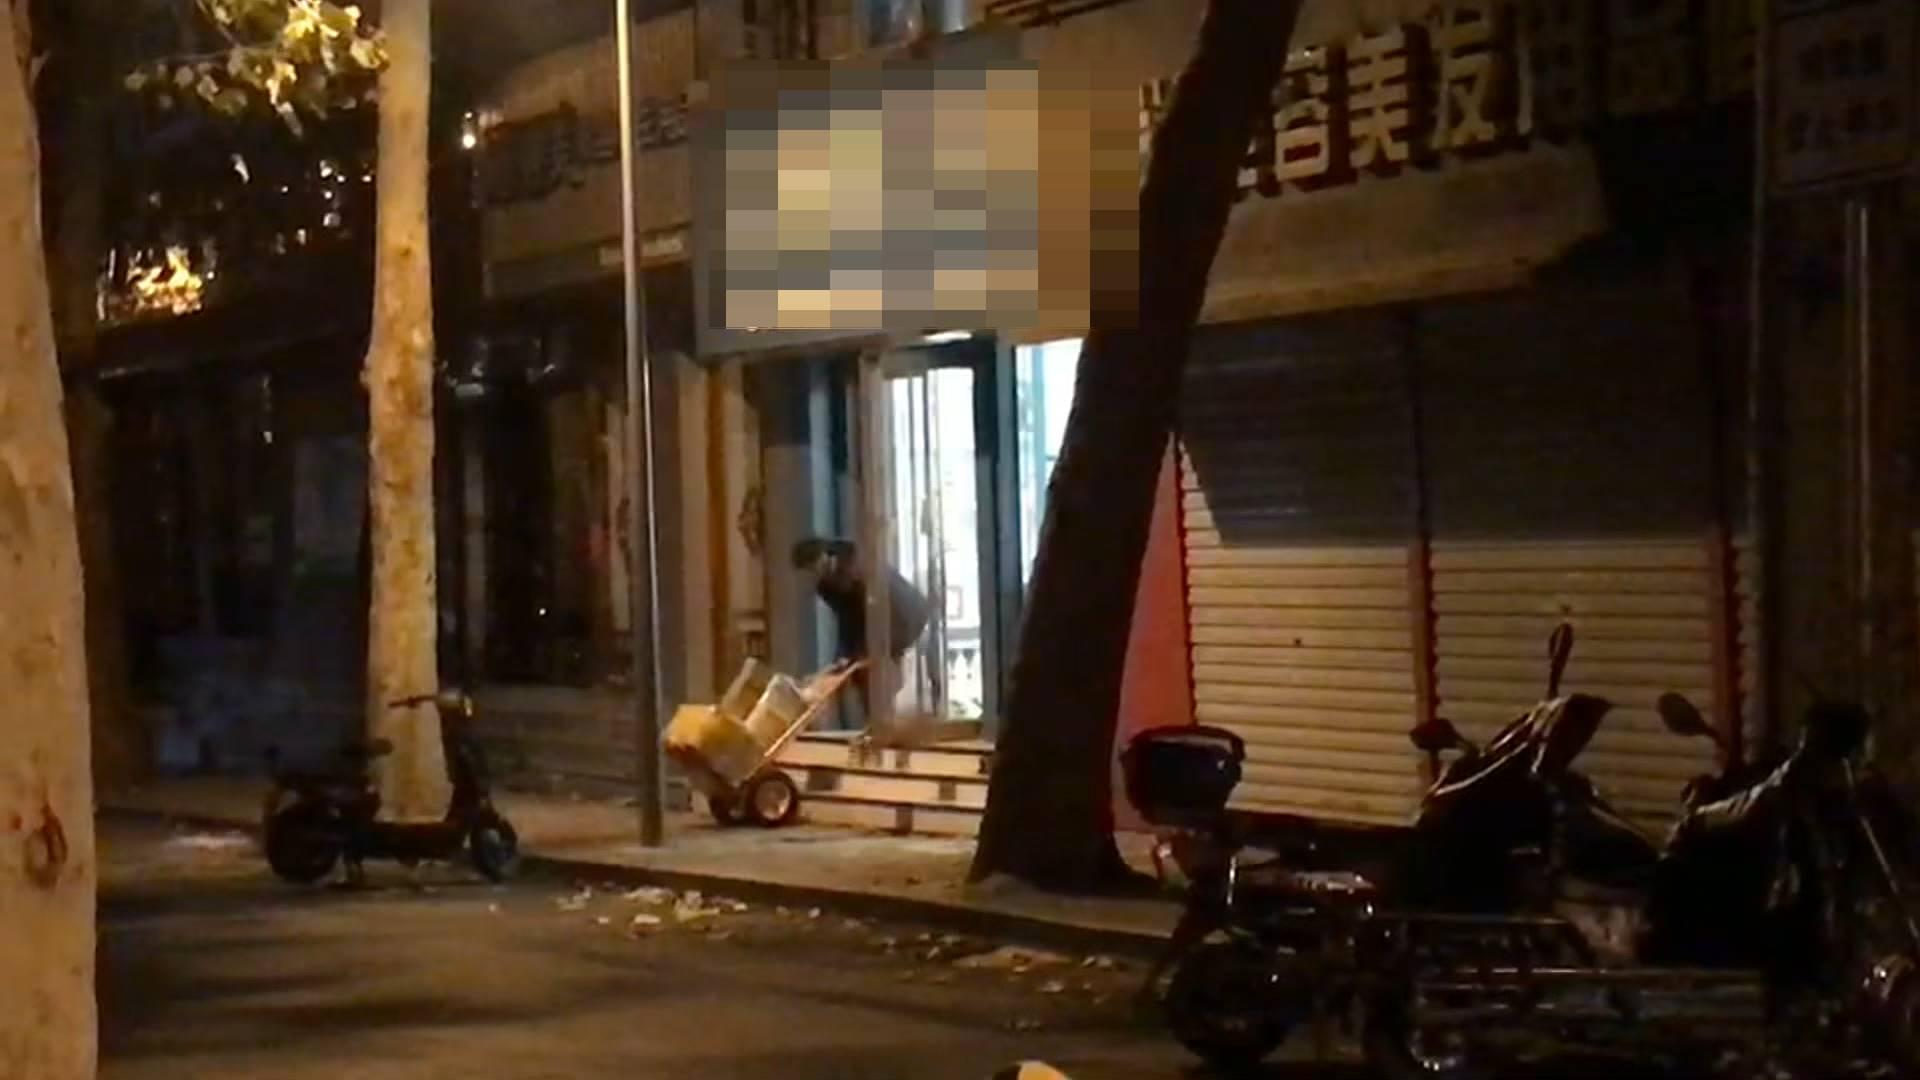 化妆品一条街被紧急查处后 深夜店铺竟悄悄开门运走了商品